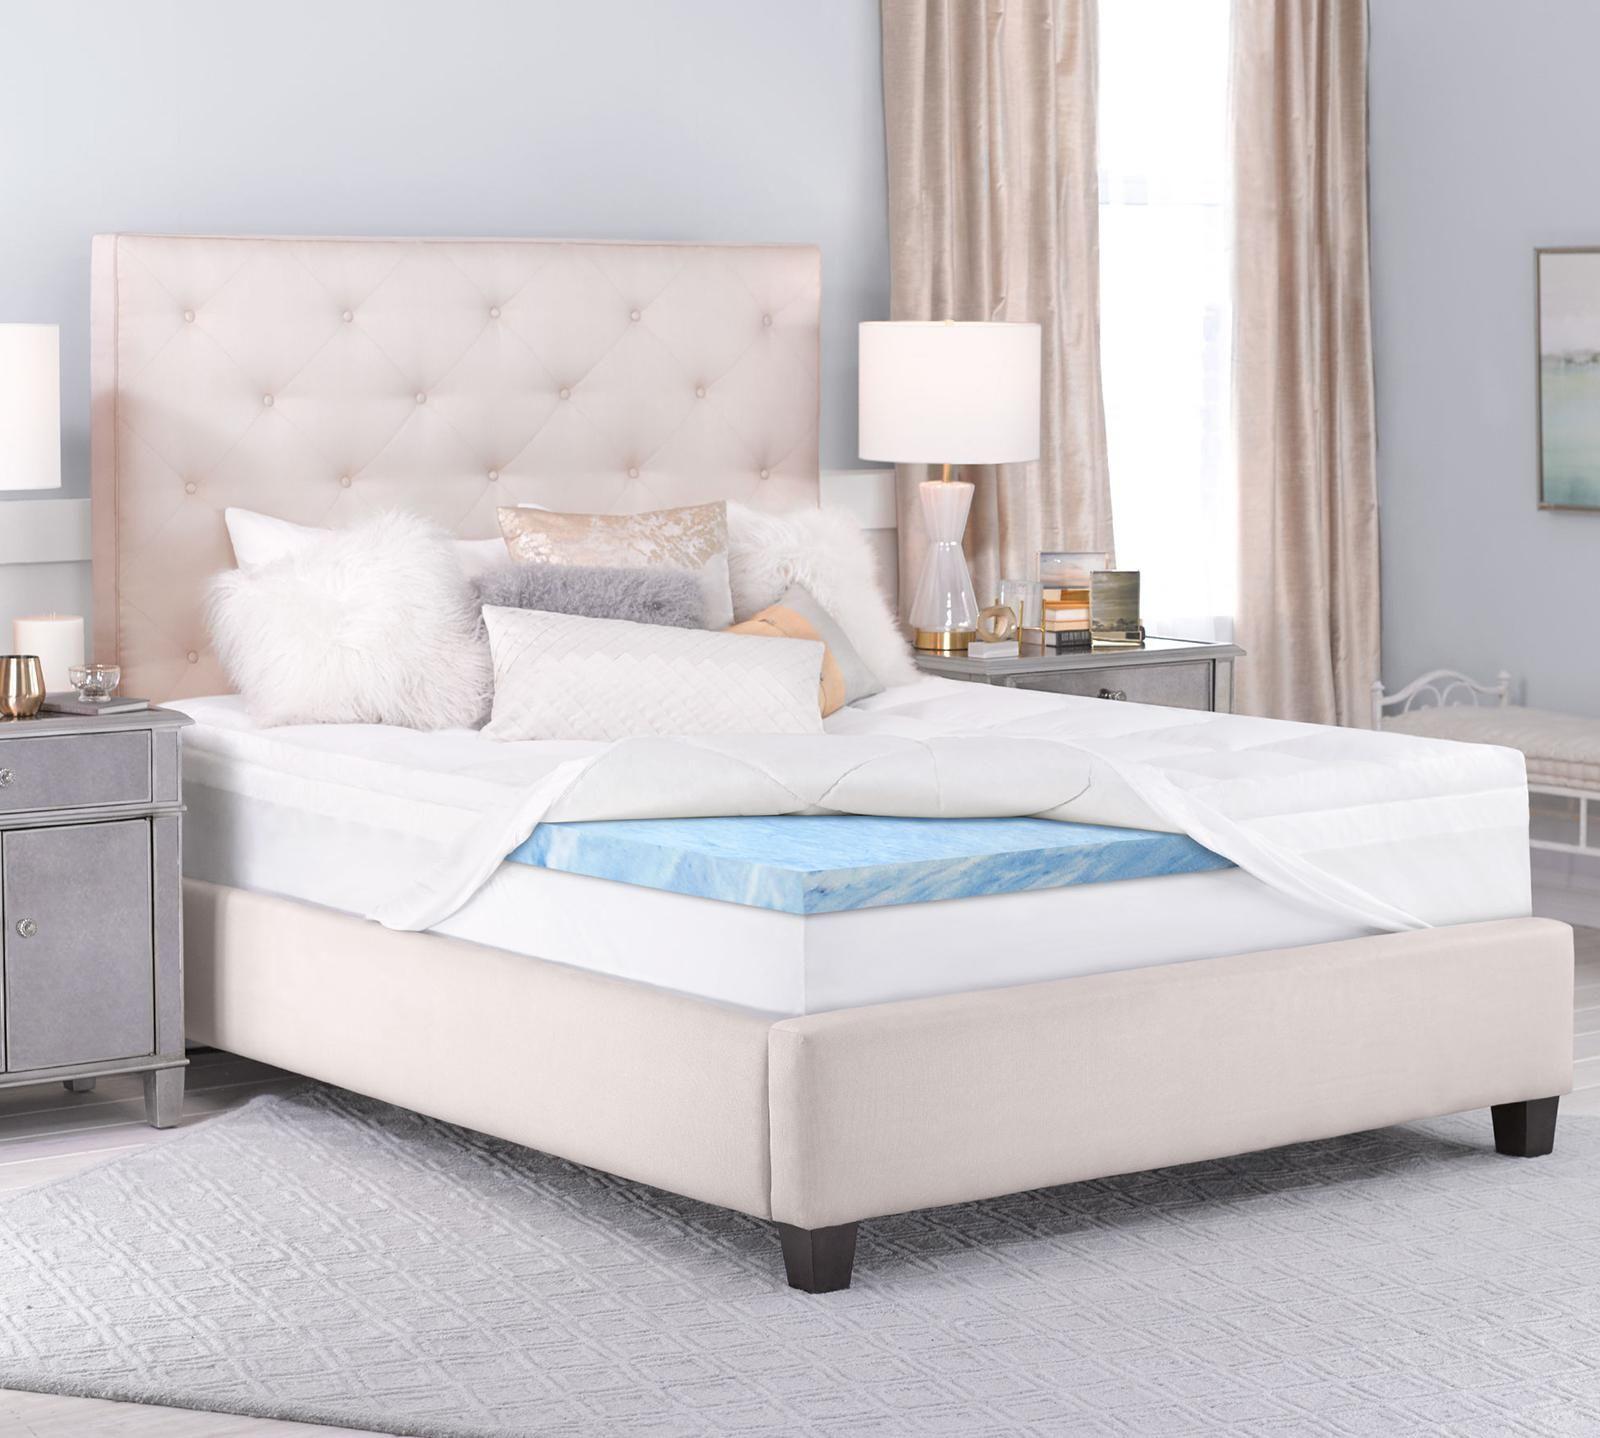 Serta Queen Luxury Plush Pillowtop 3 Inch Gel Memory Foam Mattress Topper In 2020 Mattress Queen Memory Foam Mattress Best Mattress